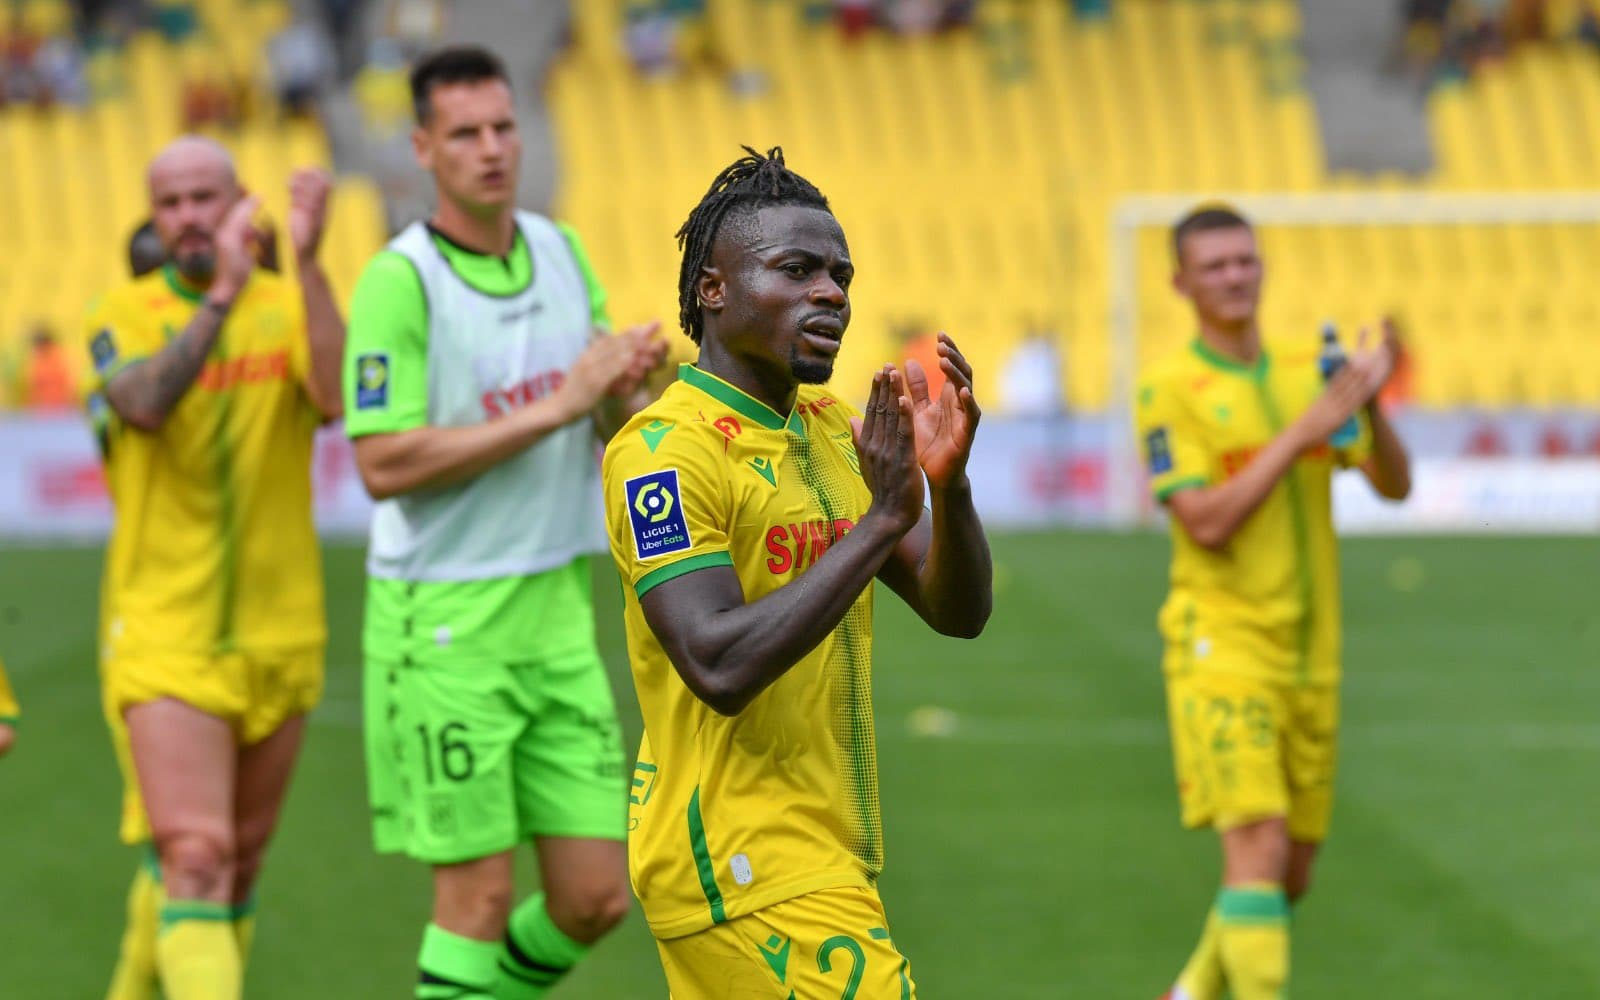 Simon Relishes Nantes League  Win Against Metz